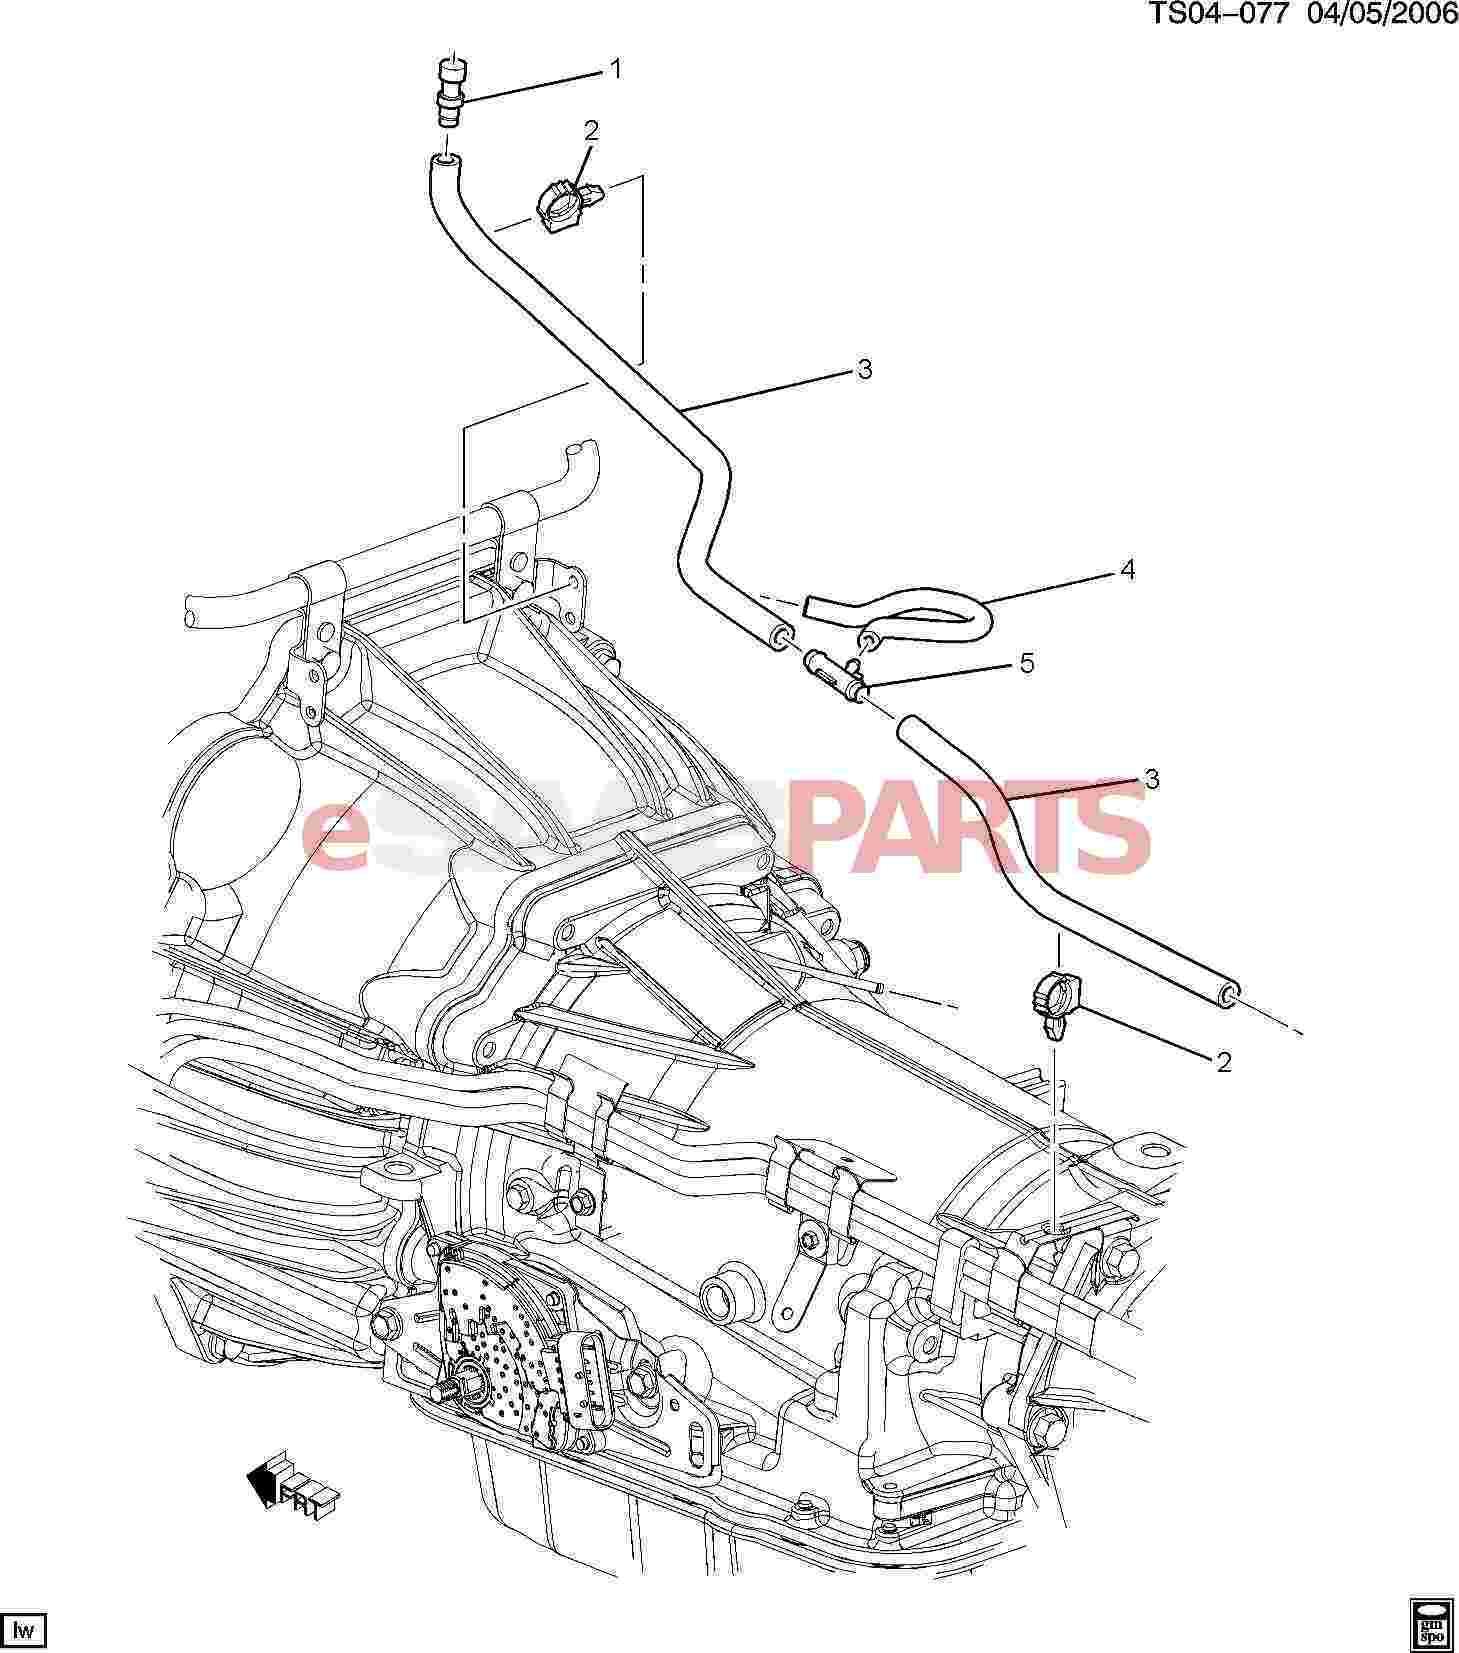 09438315 saab hose fuel oil evap genuine saab parts from rh esaabparts com Saab Automobile Saab 9 3 Transmission Mount